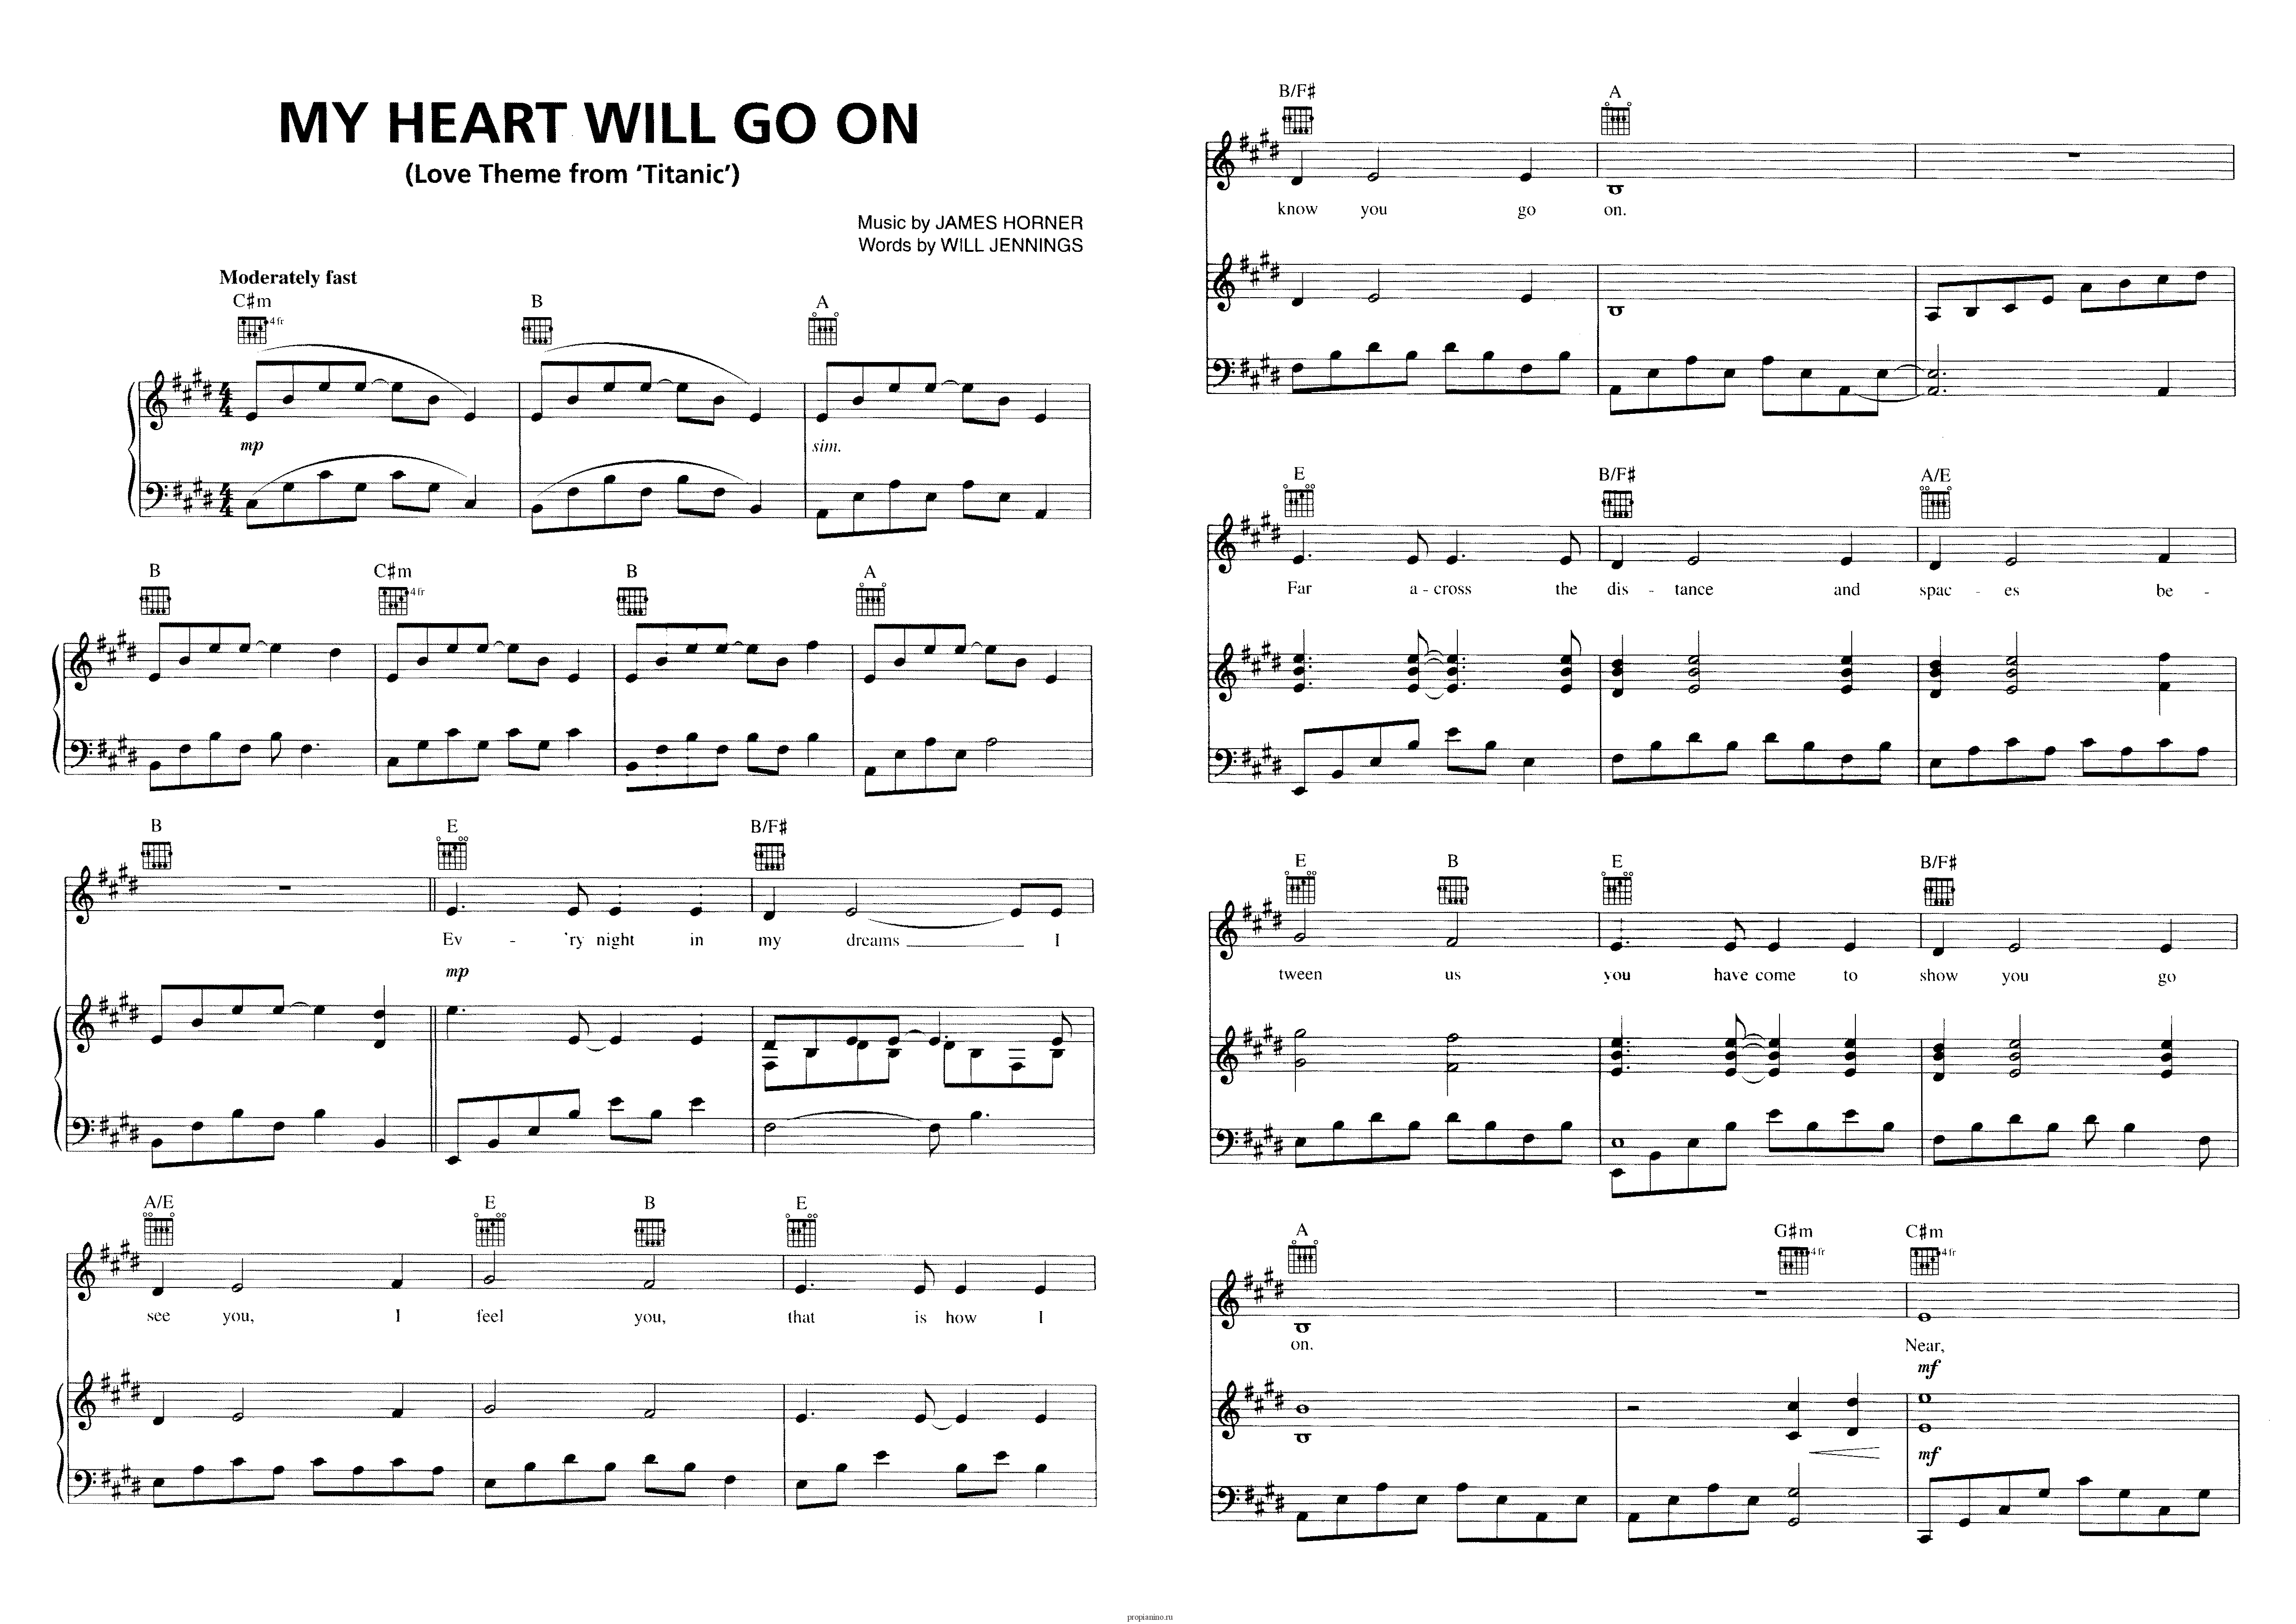 Титаник: музыка из кинофильмов ноты песни мое сердце будет жить.